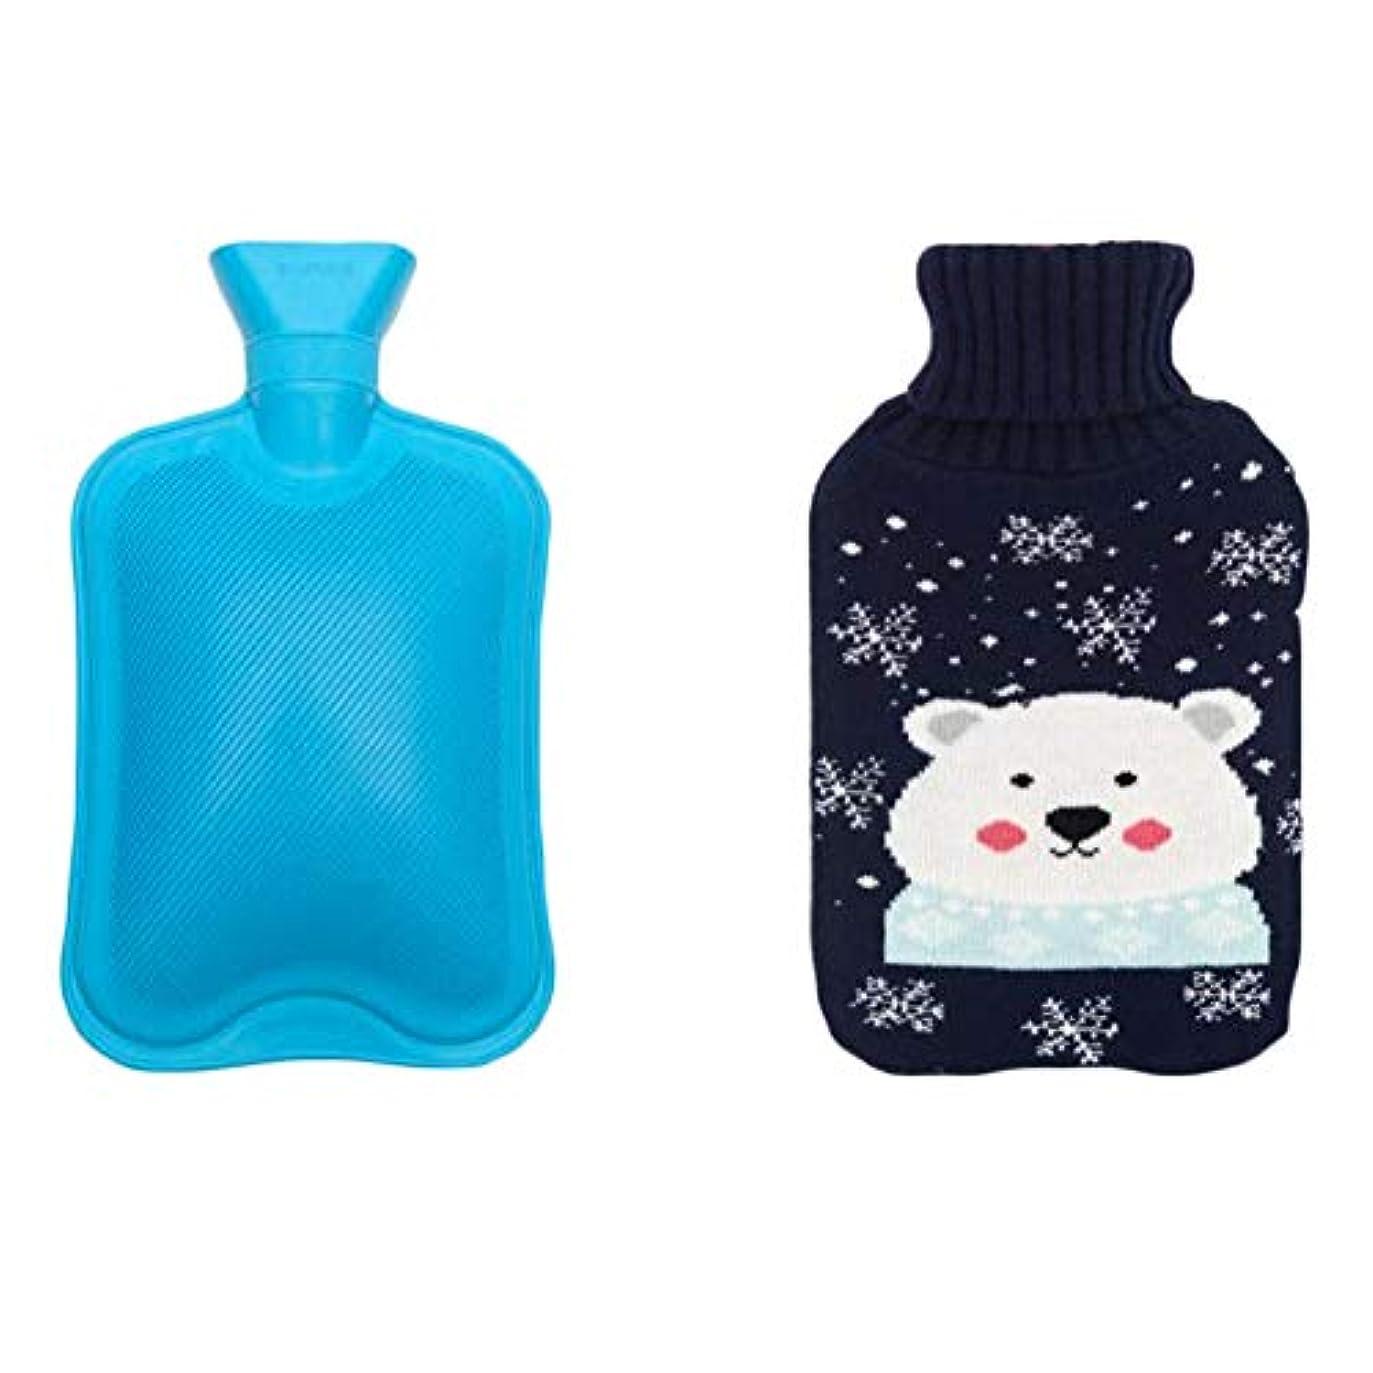 ファセット特徴づける存在する1リットルの温水ボトルラブリークマのデザイン